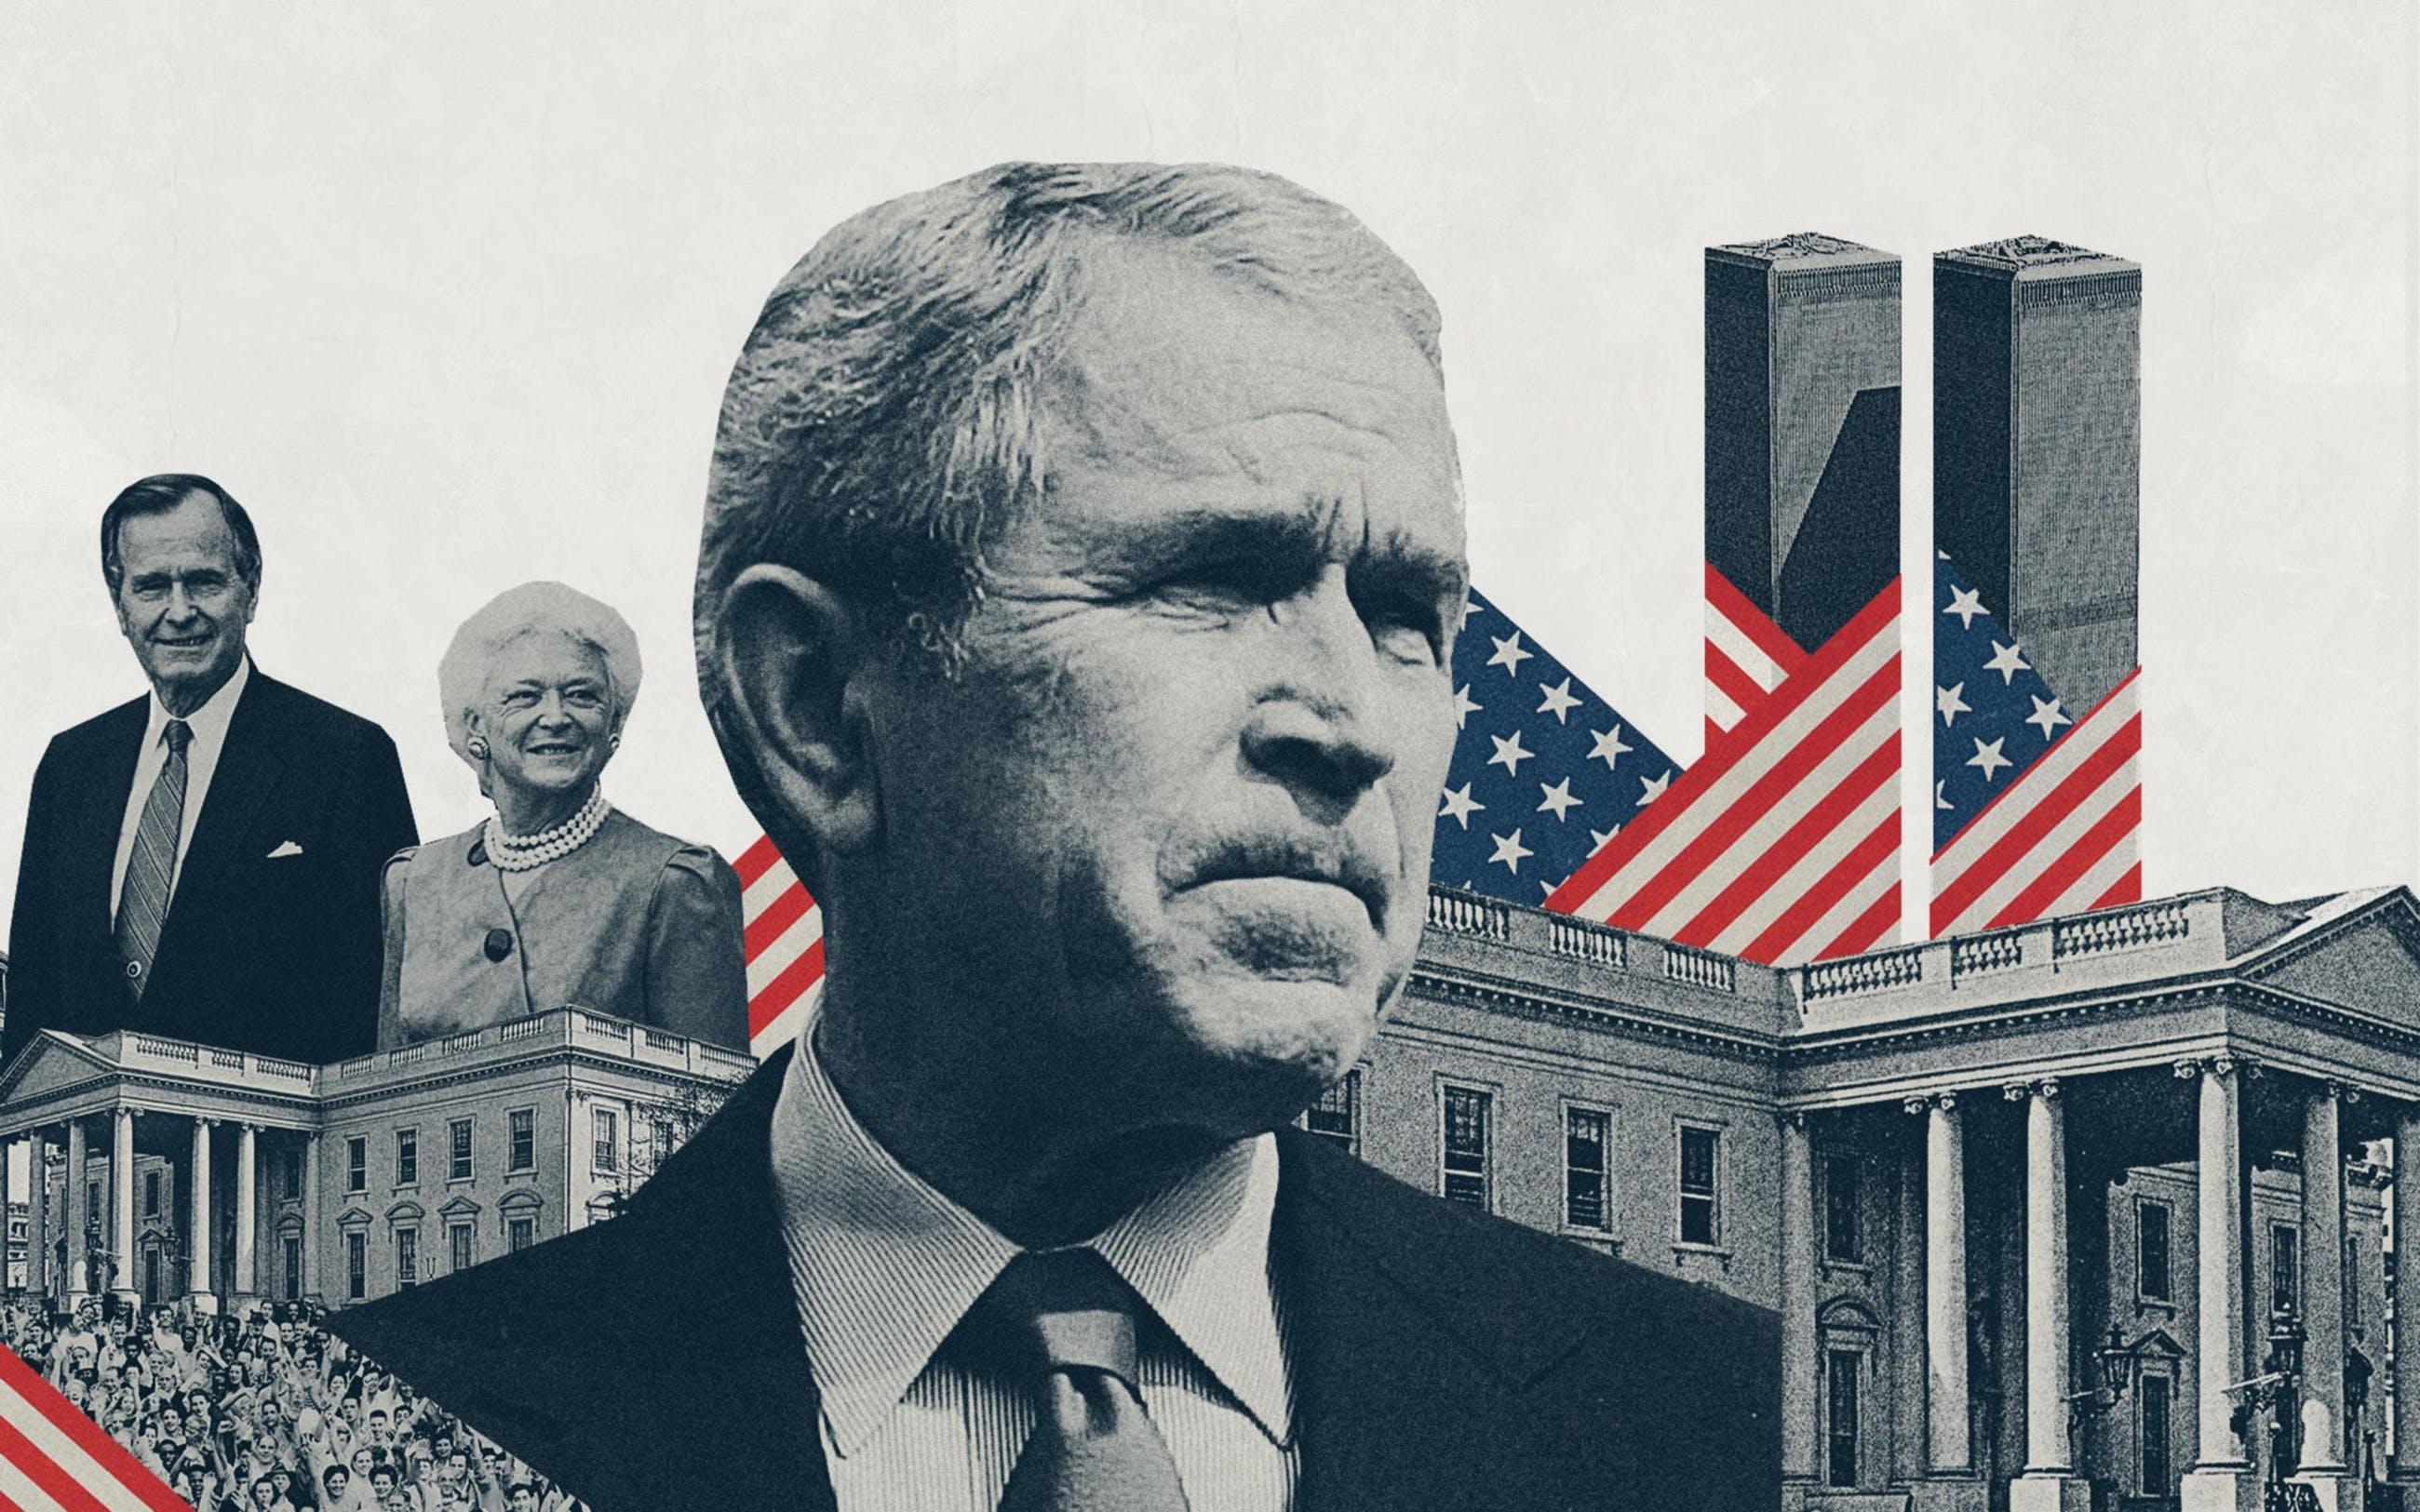 George-W-Bush-new-book_hero-scaled.jpg